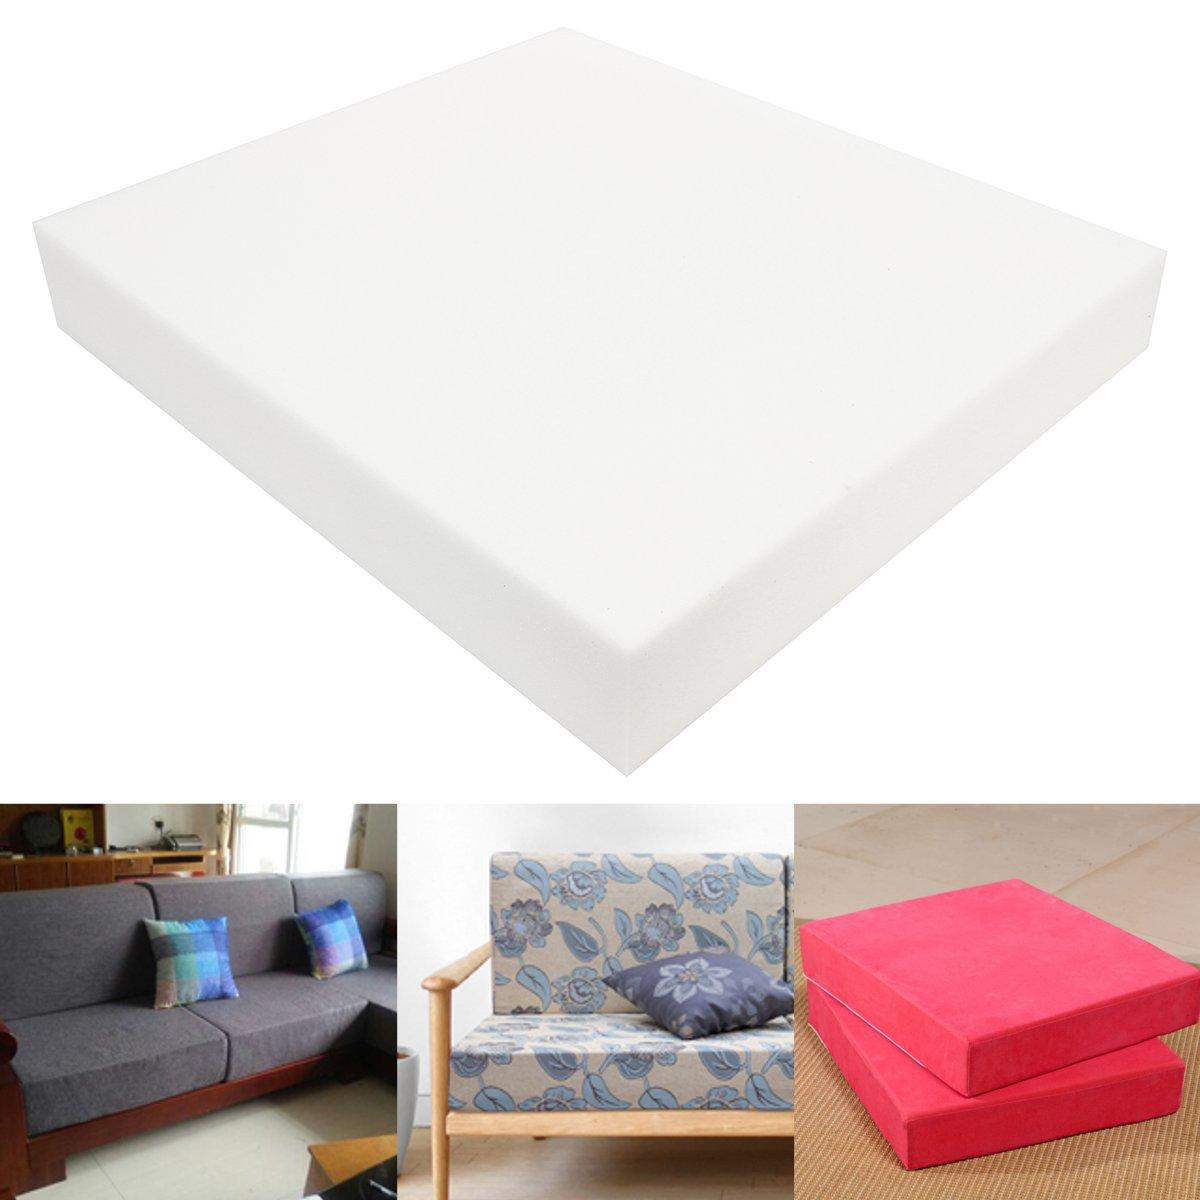 Cushion Foam Chair Sofa Seat Pad